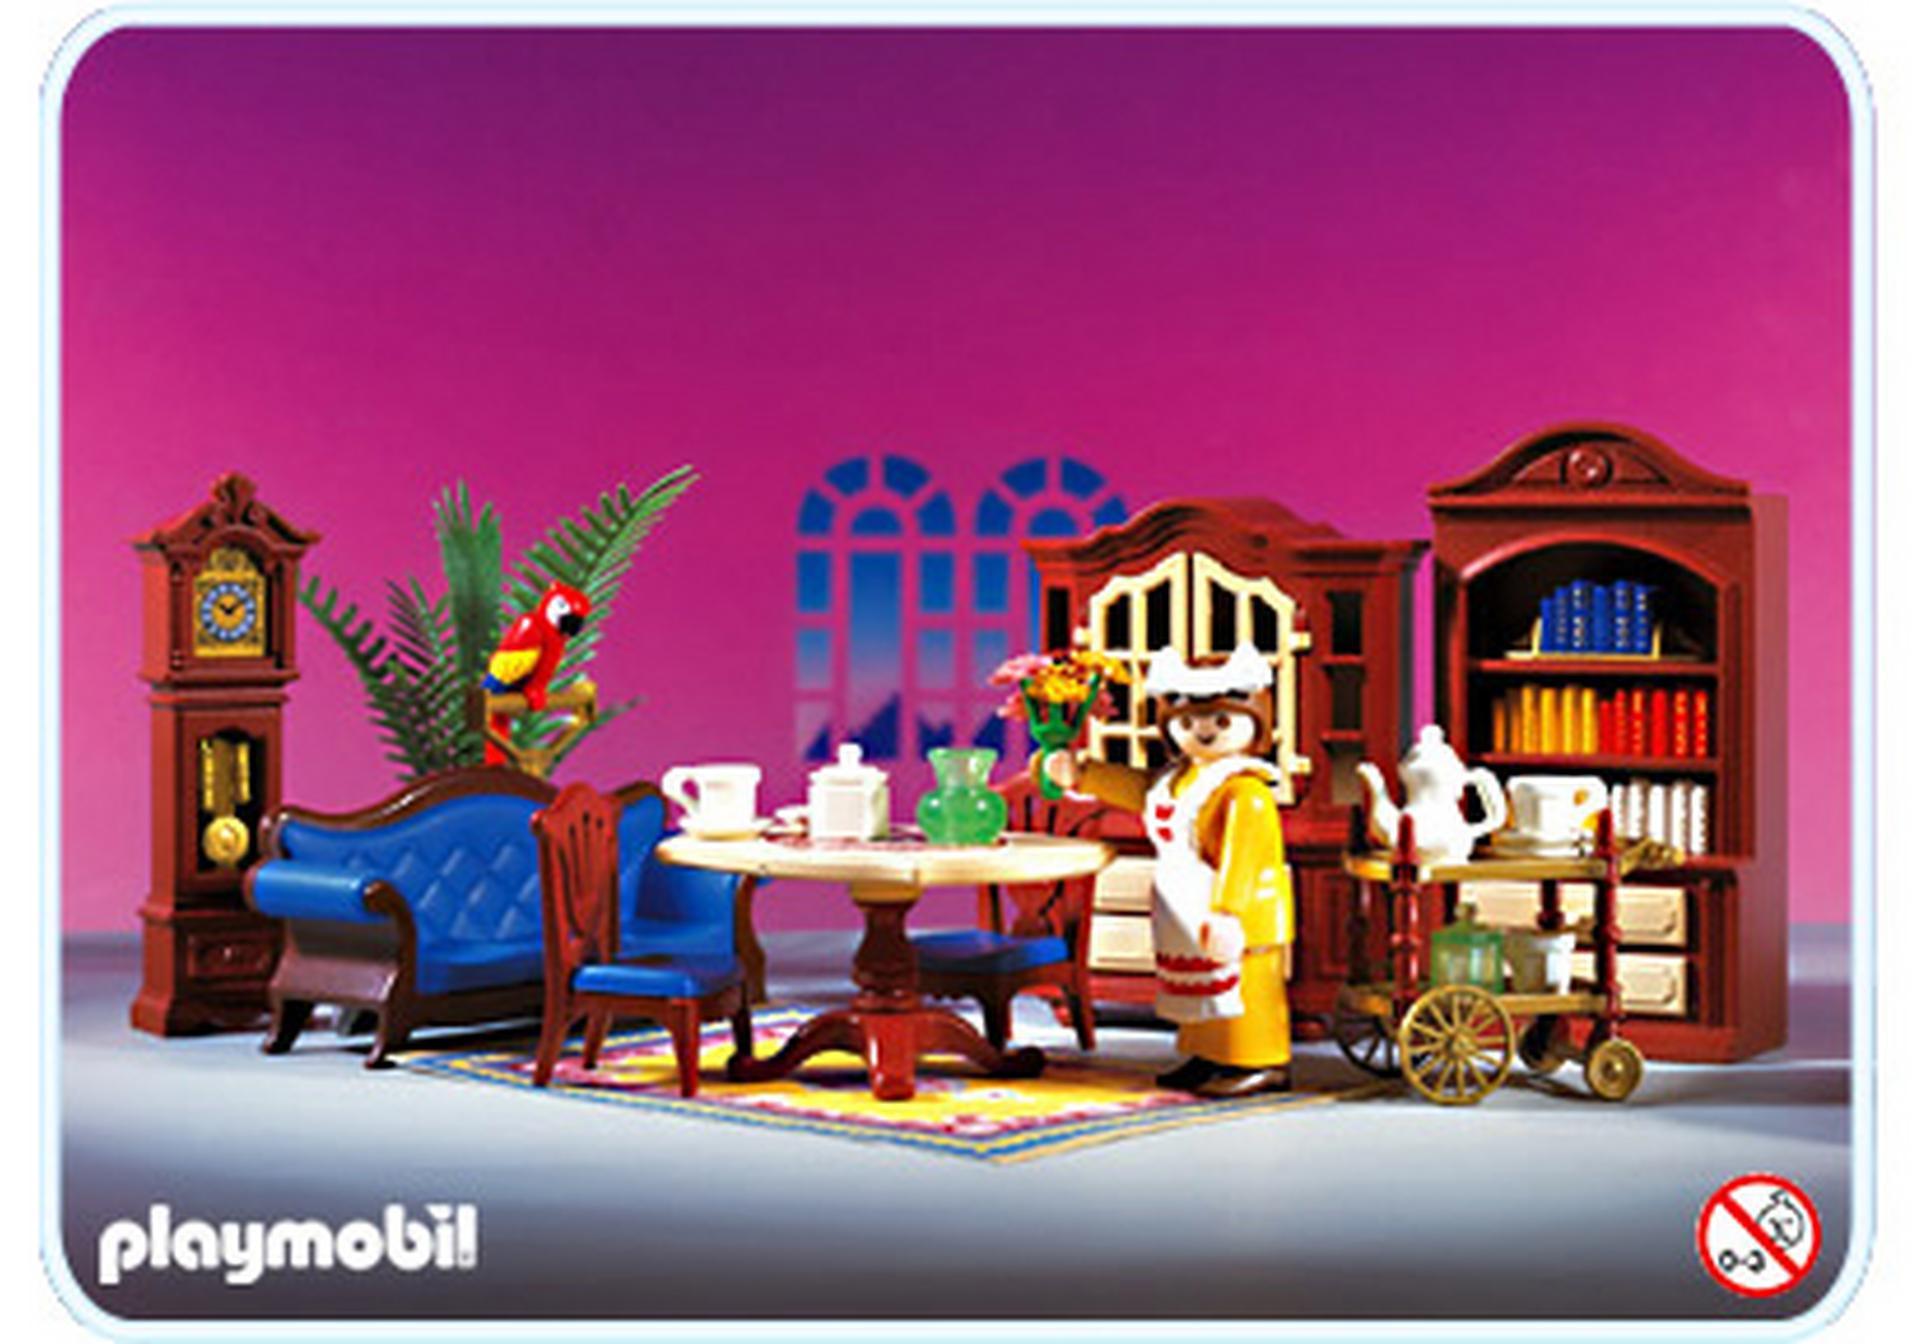 Playmobil Wohnzimmer  Wohnzimmer 5316 A PLAYMOBIL Deutschland